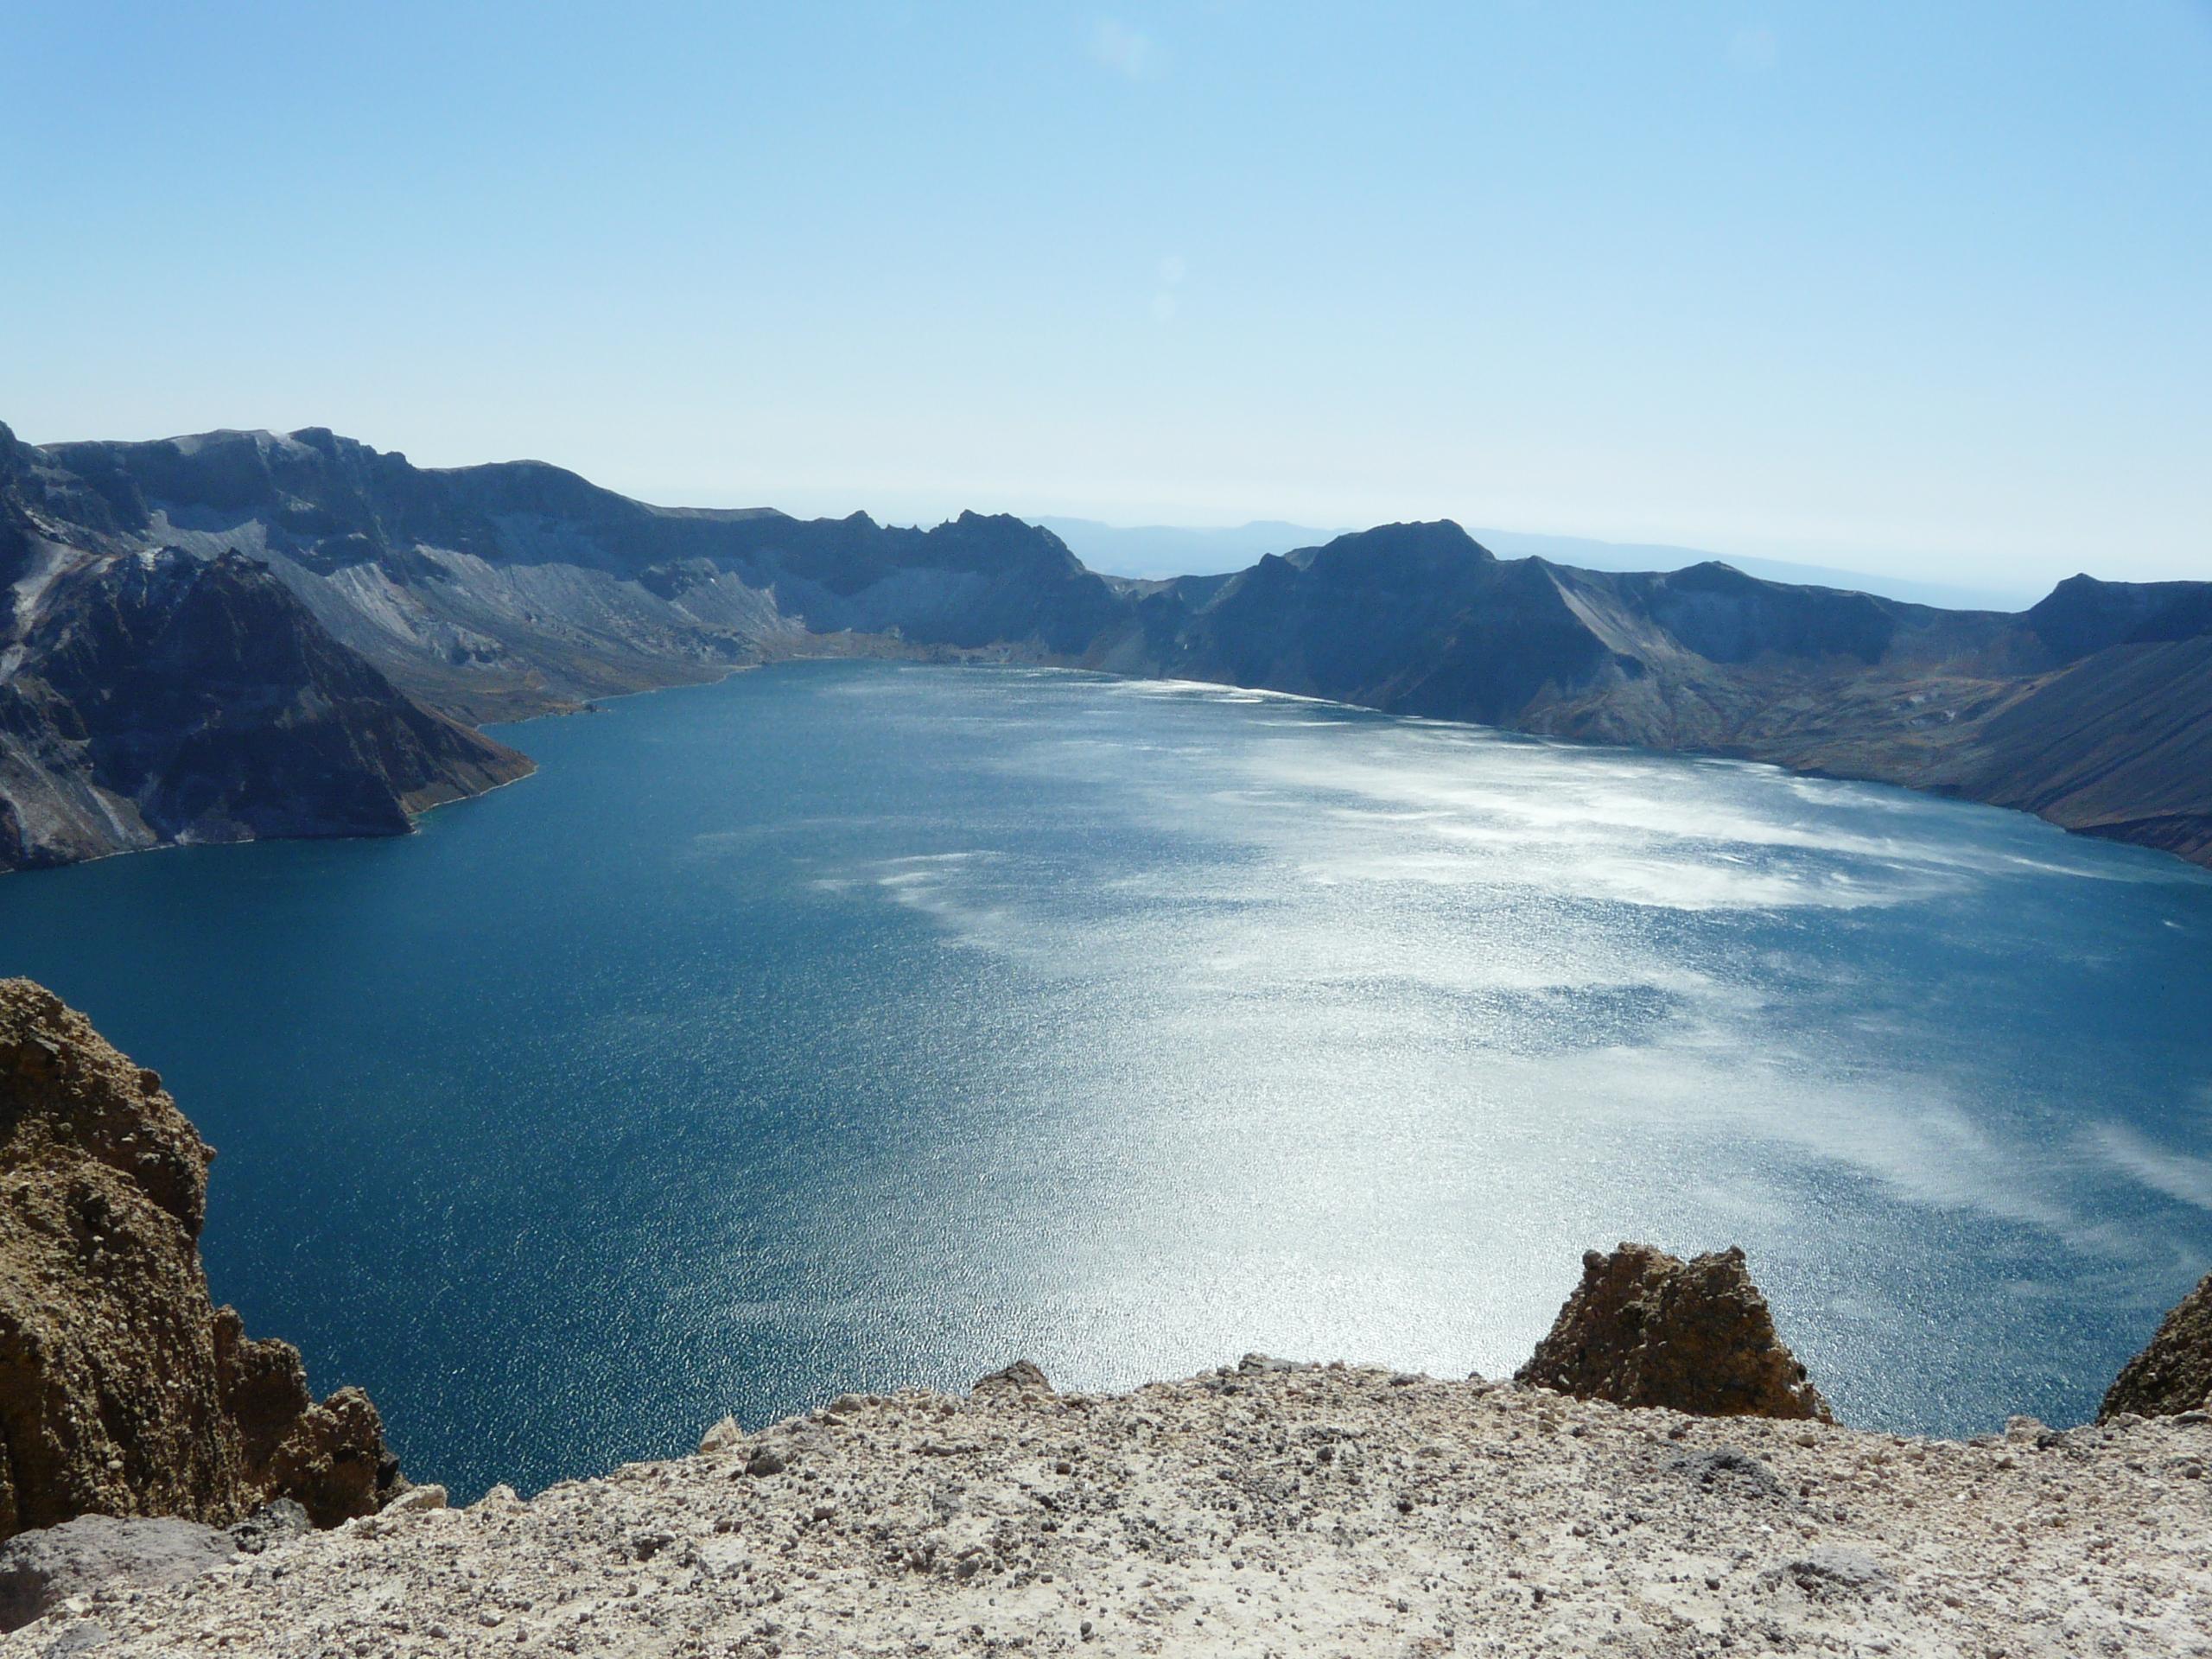 长白山景点景区图长白山风景名胜图长白山旅